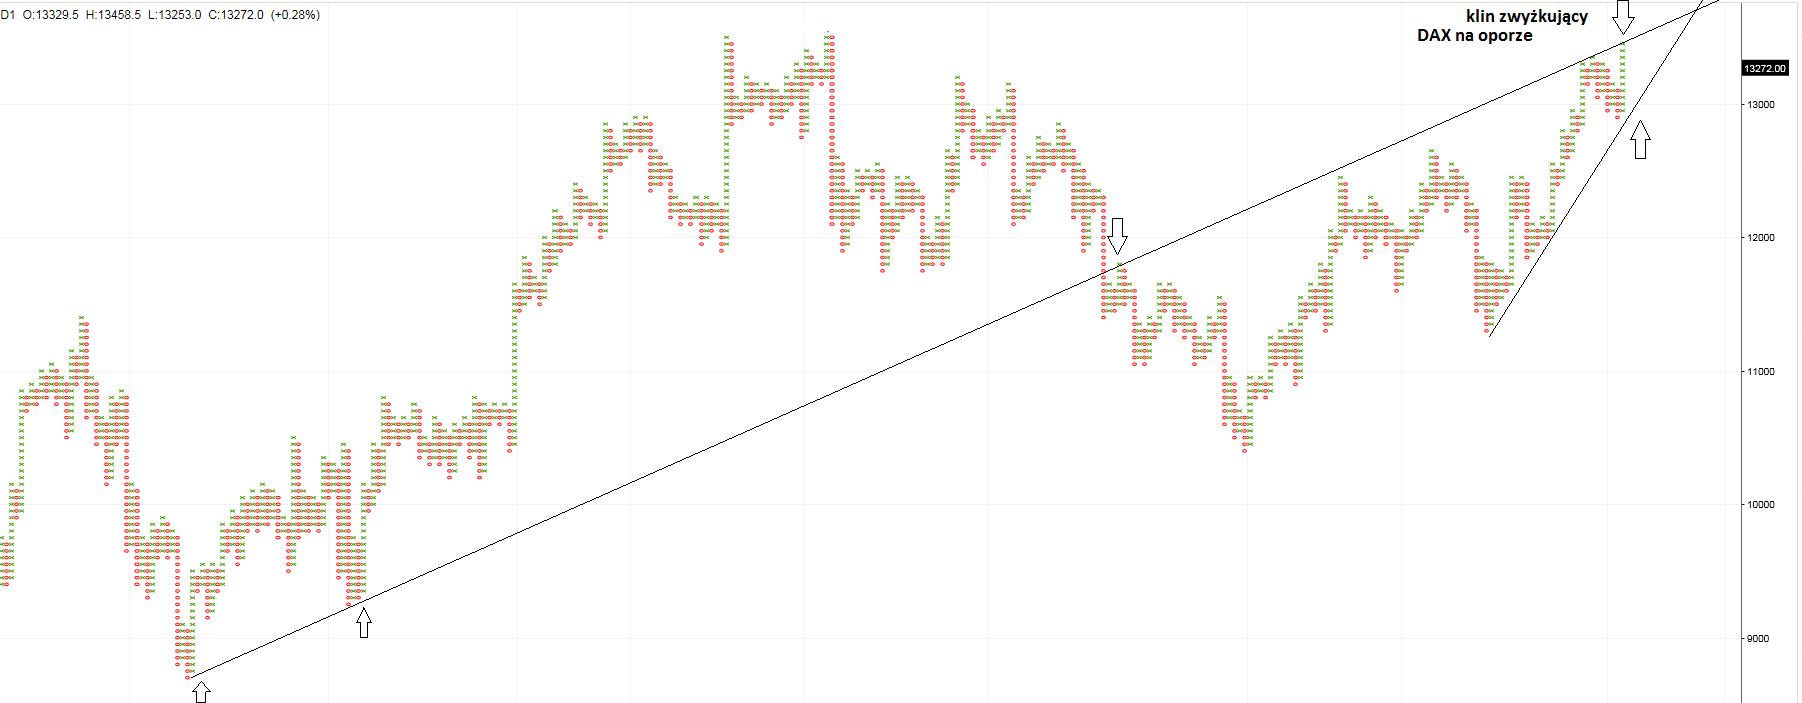 DAX 30 notowania kursu prognoza